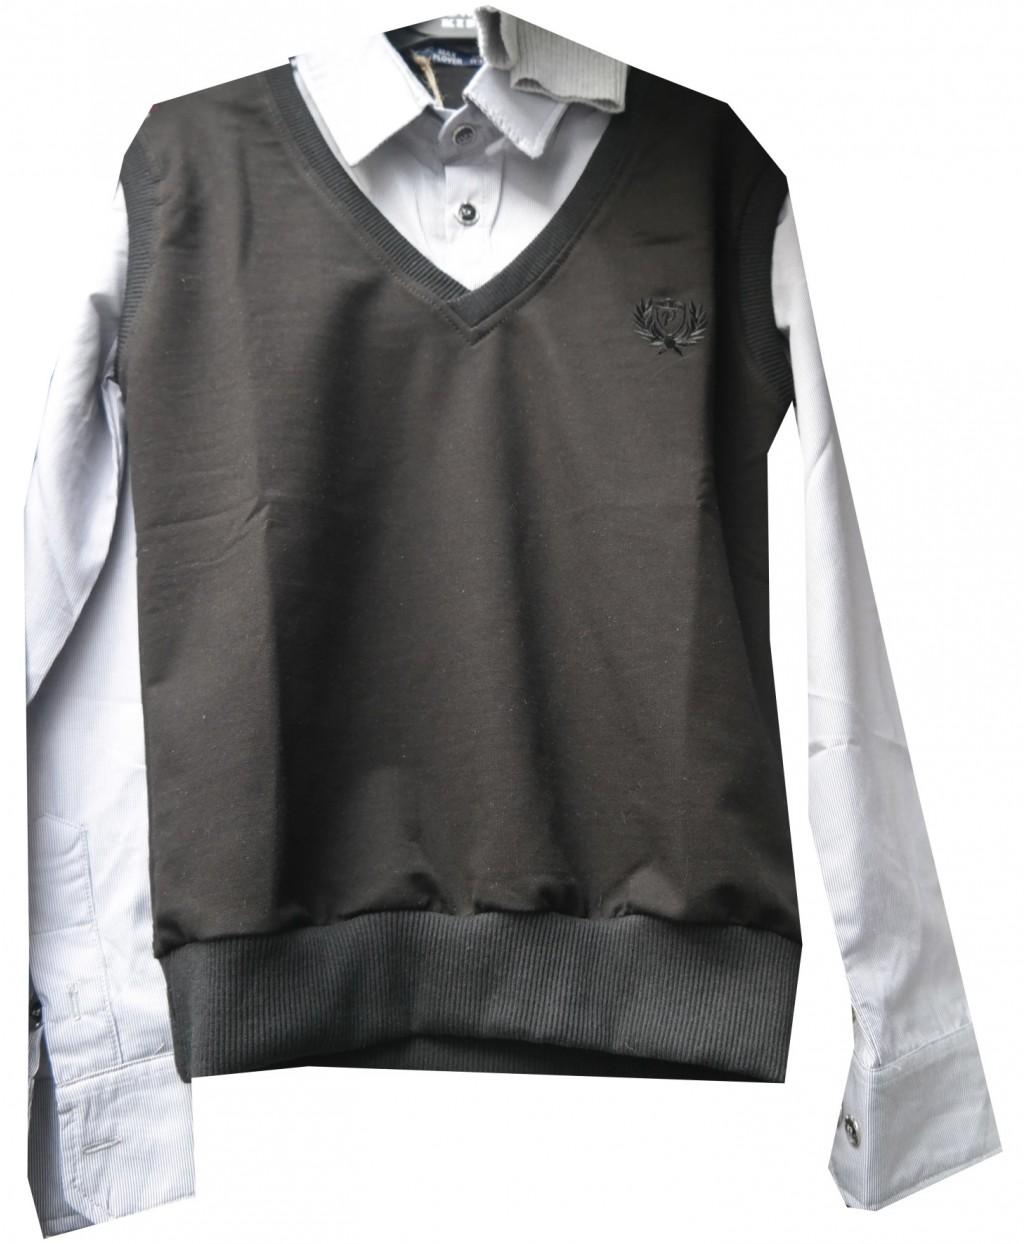 Мам мальчиков приглашаю! Сбор заказов- 5. Zishao. Джемпера, кофты, кардиганы, двойки, обманки, жилетки для наших мальчиков от 1 до 16 лет. Очень низкие цены и проверенное качество фабричной одежды из натуральных материалов